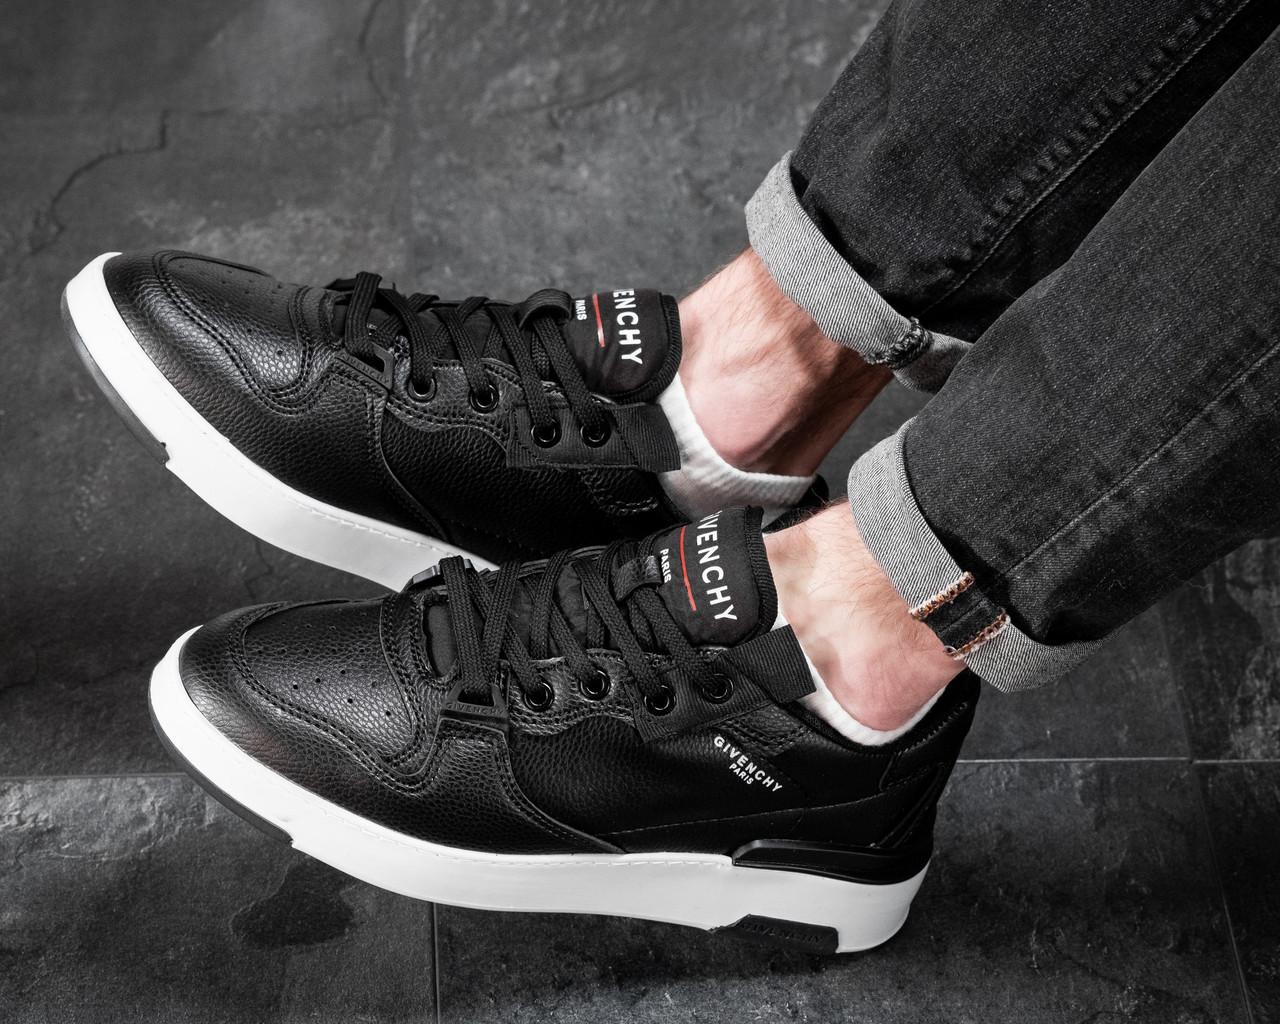 Мужские кроссовки Черные Кожаные, Реплика